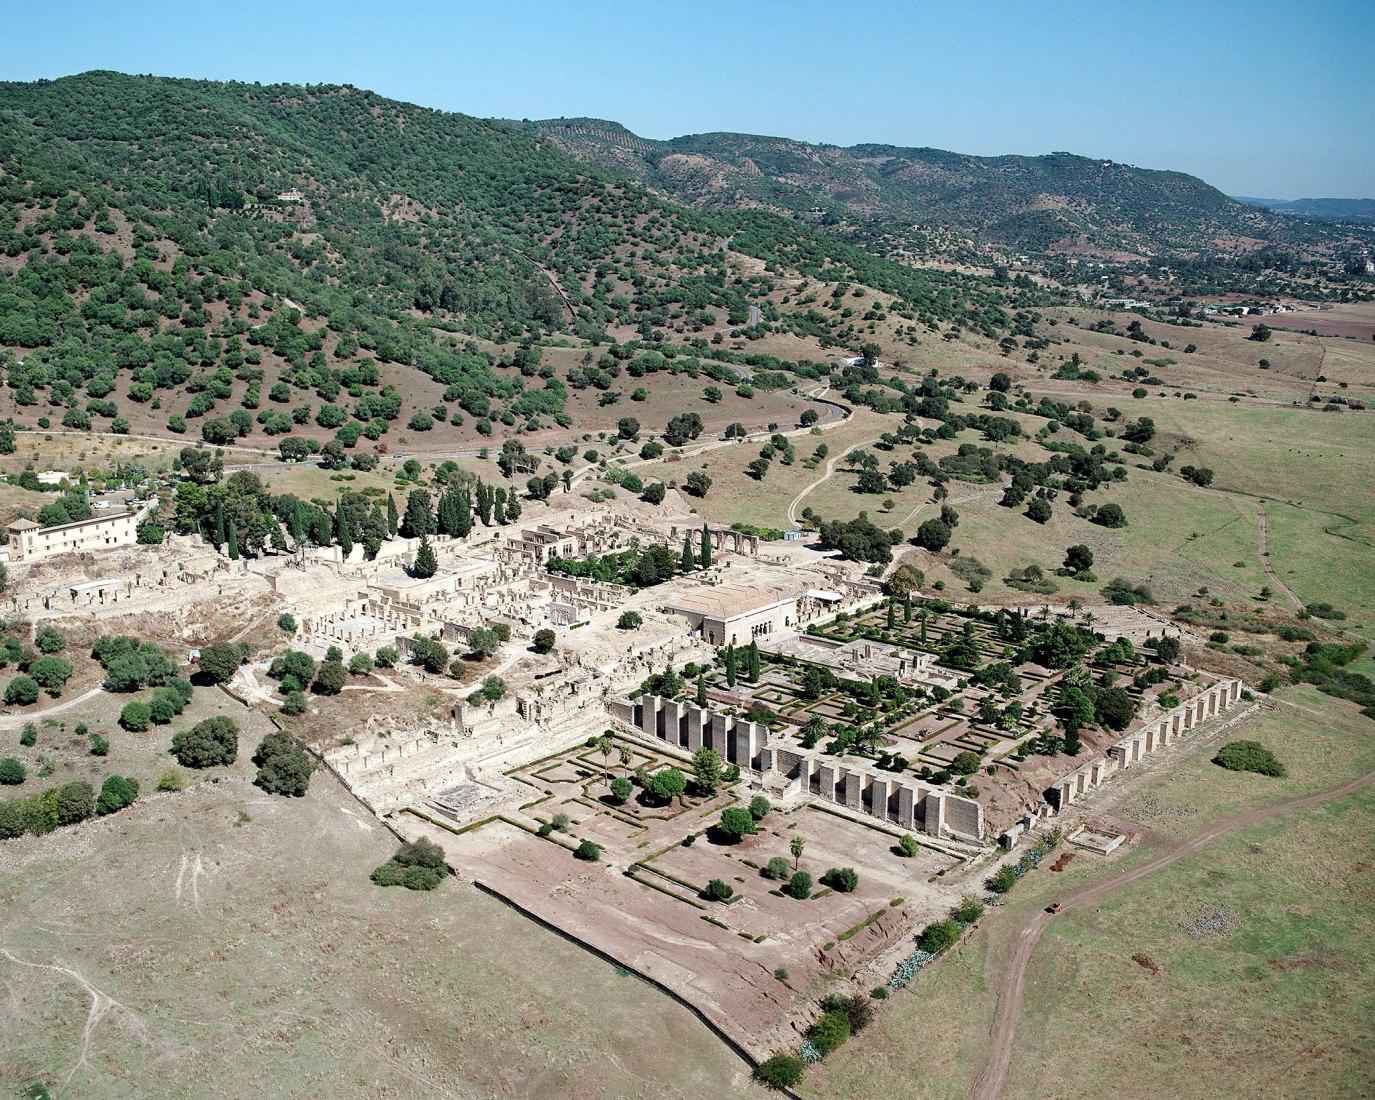 Vista aérea de la ciudad Califal de Medina Azahara. 01/12/2009. Fotografía de M. Pijuán, © Sitio arqueológico Madinat al-Zahra (CAMaZ). Imagen cortesía de UNESCO